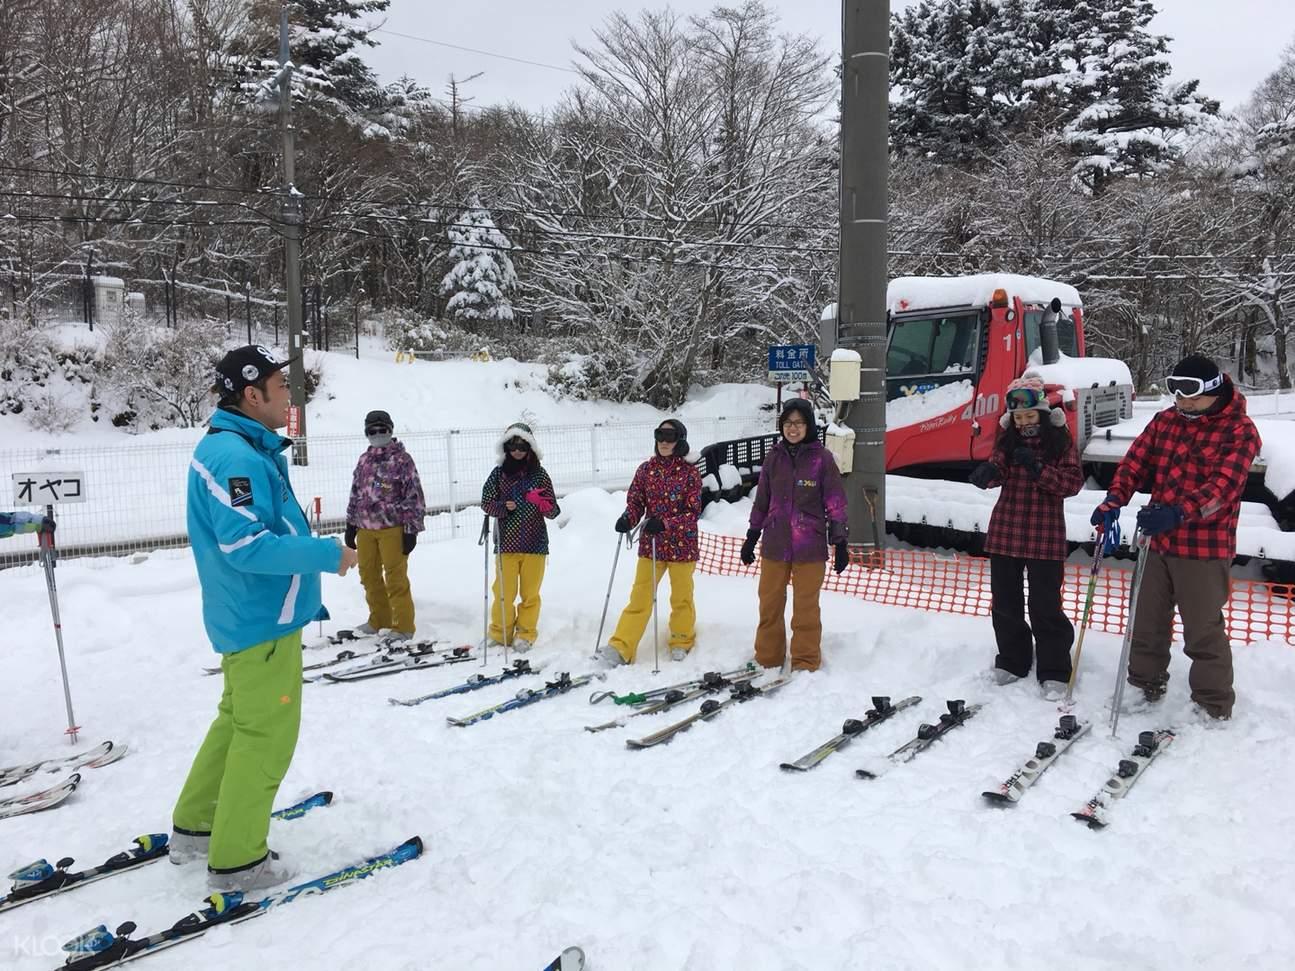 富士山二合目 YETI 滑雪場一日體驗(東京出發)